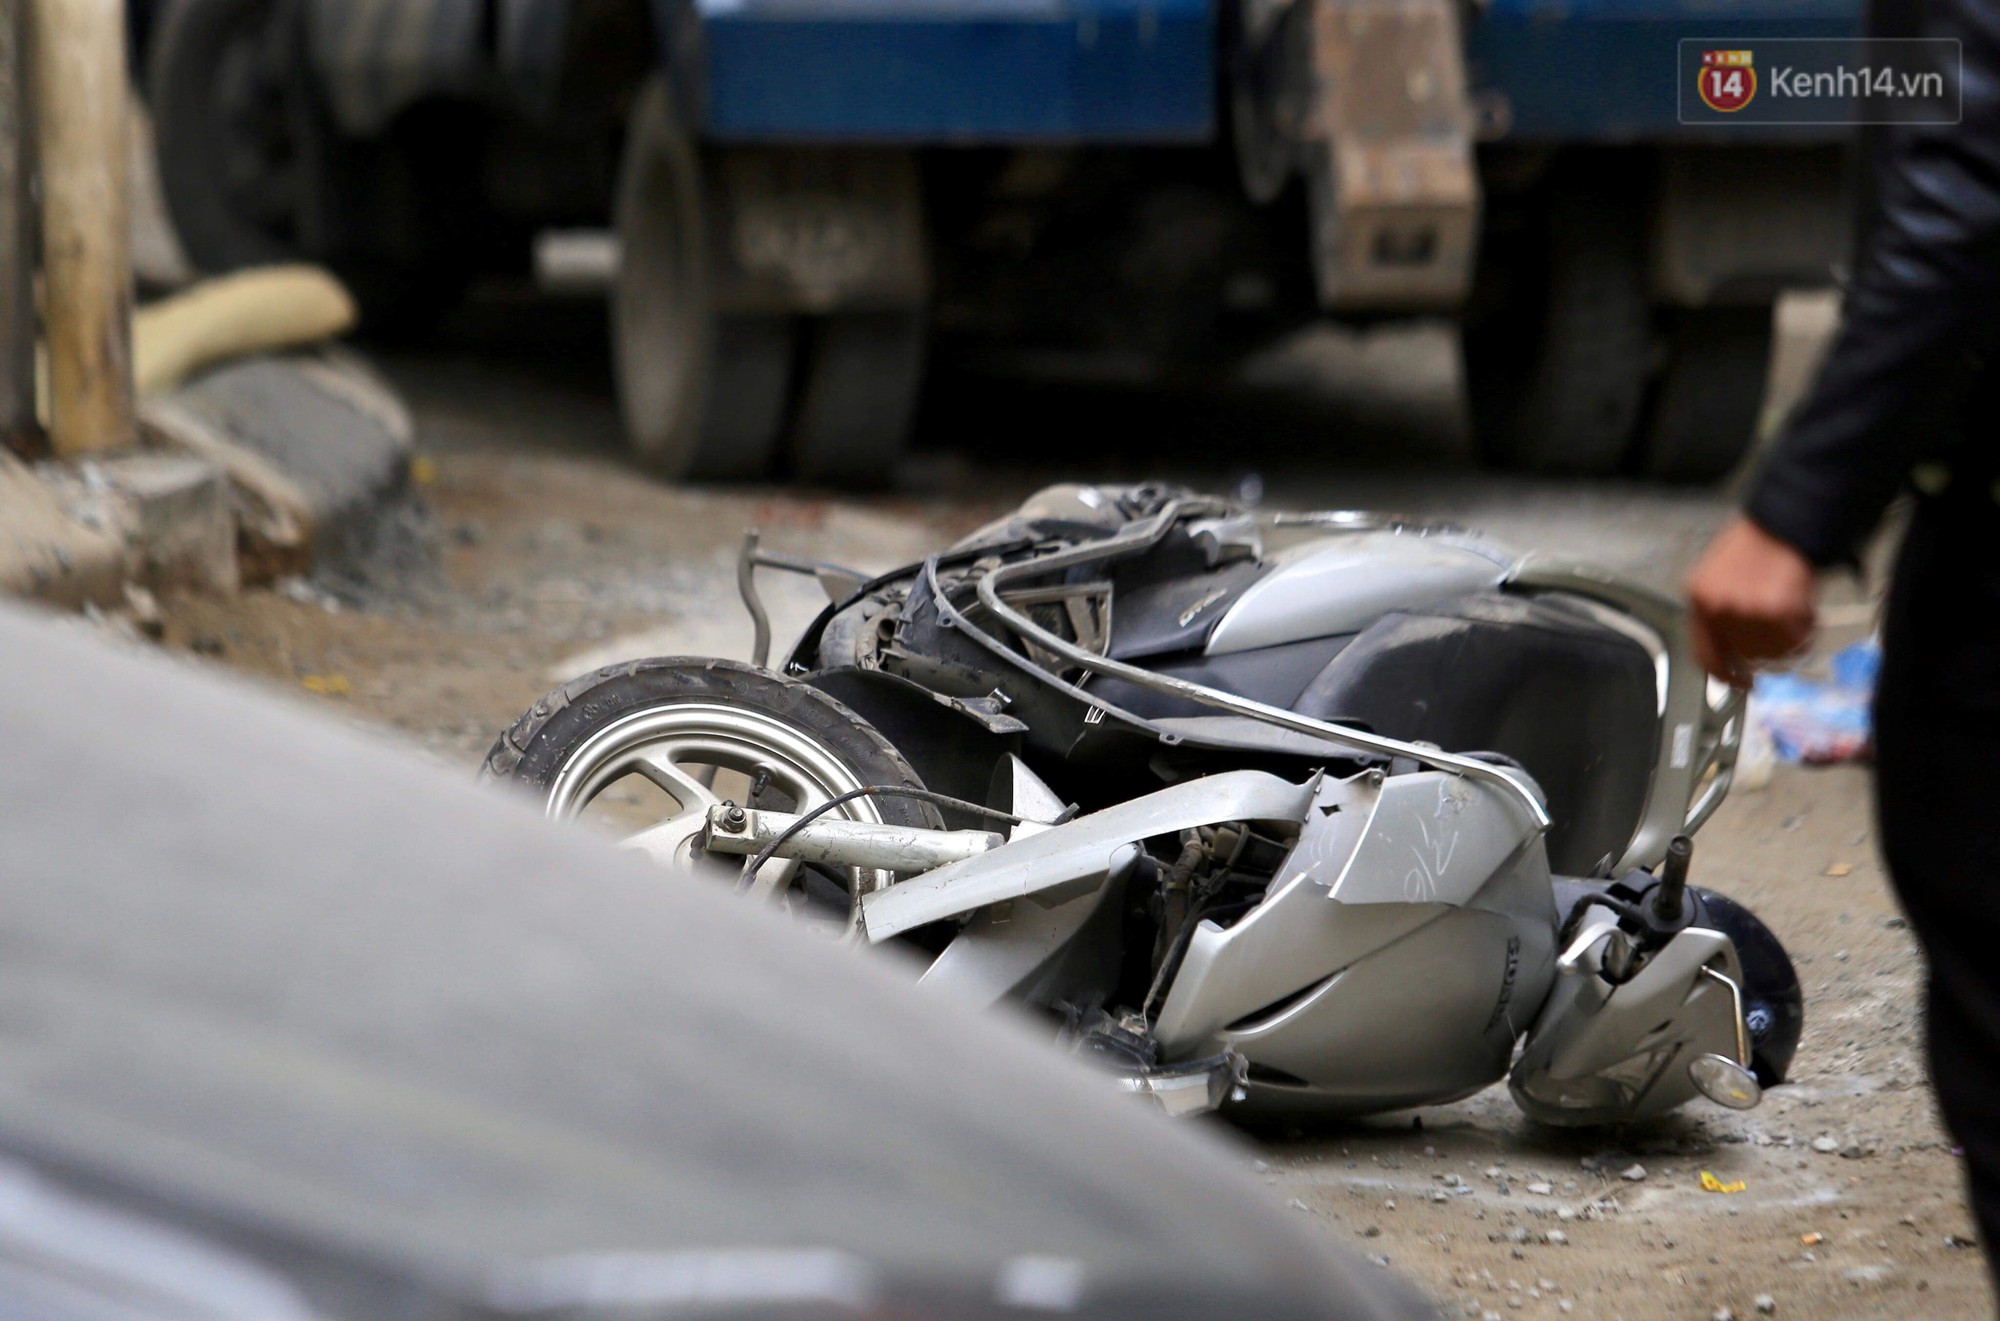 Nhân chứng thoát chết vụ ô tô Camry đi lùi tông tử vong 1 phụ nữ: Sau tai nạn, nữ tài xế mở cửa bỏ chạy-2